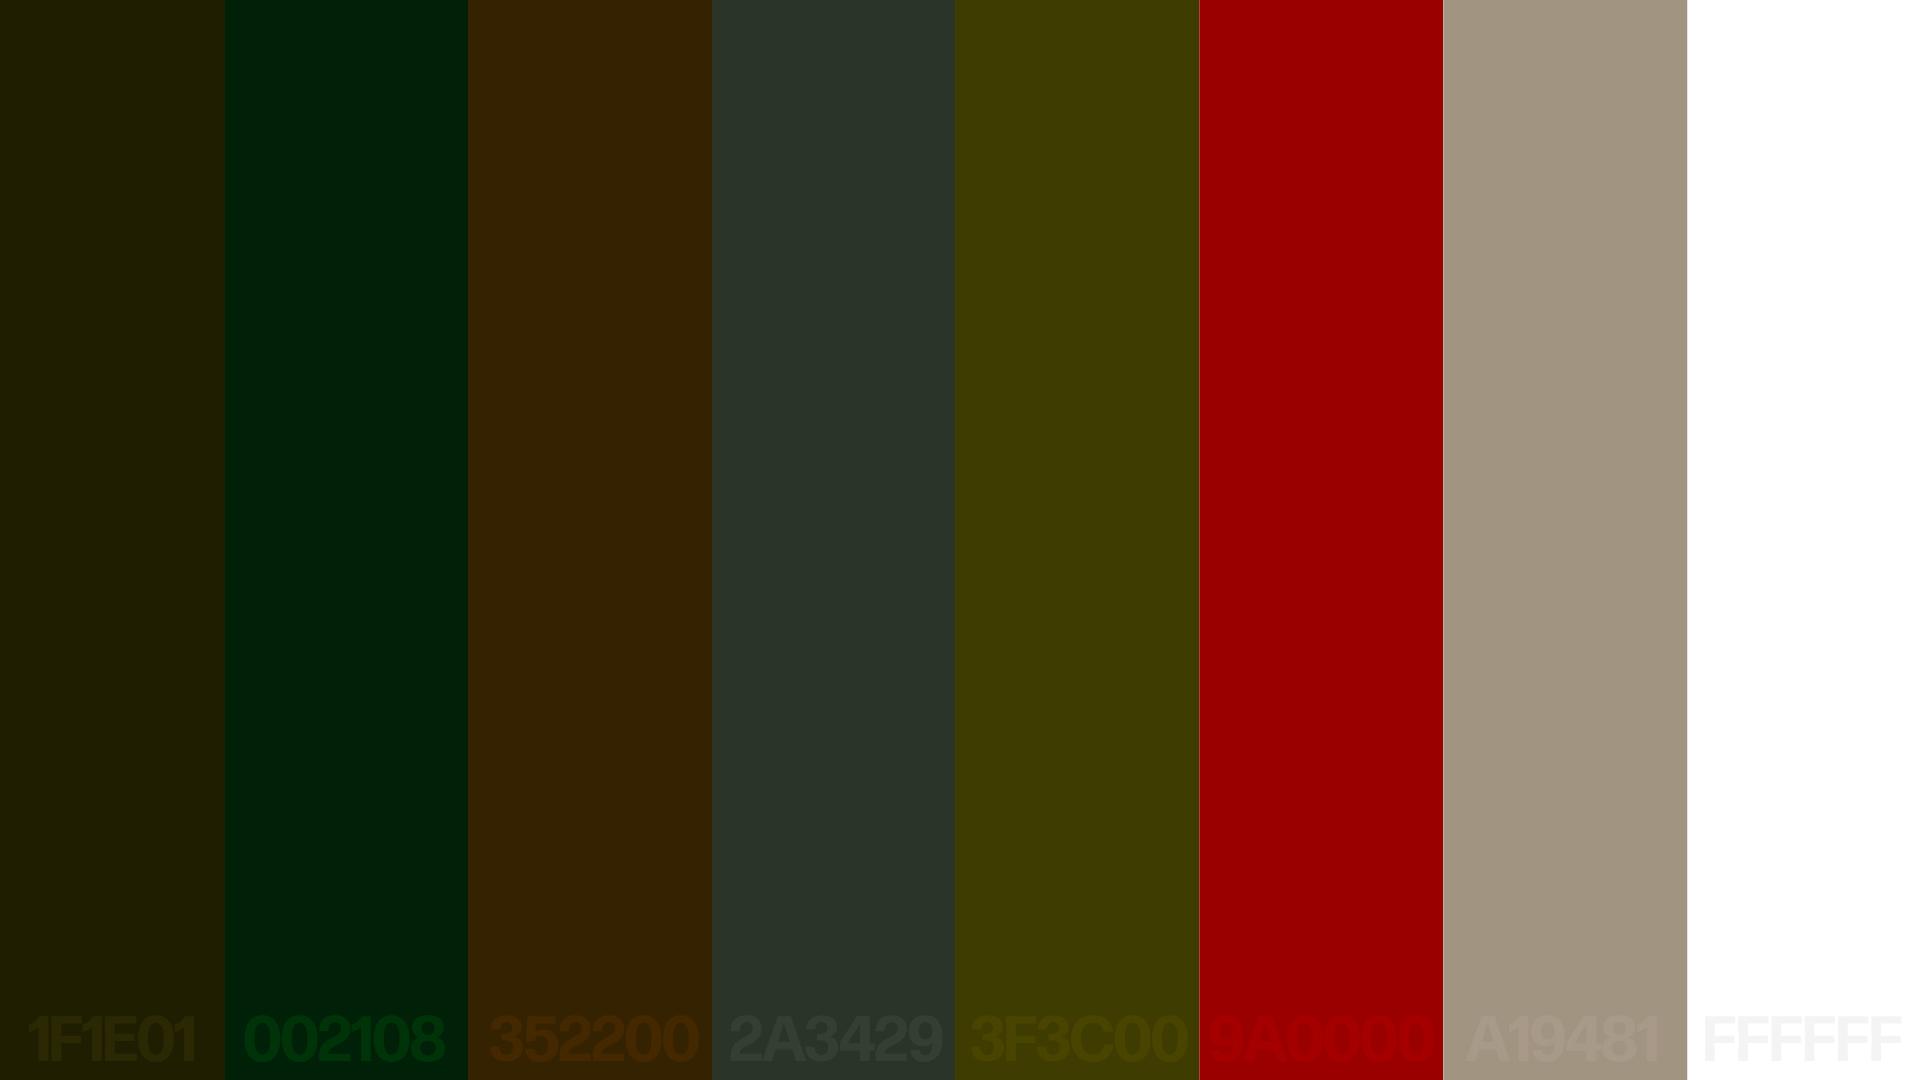 Eden-Colors.jpg